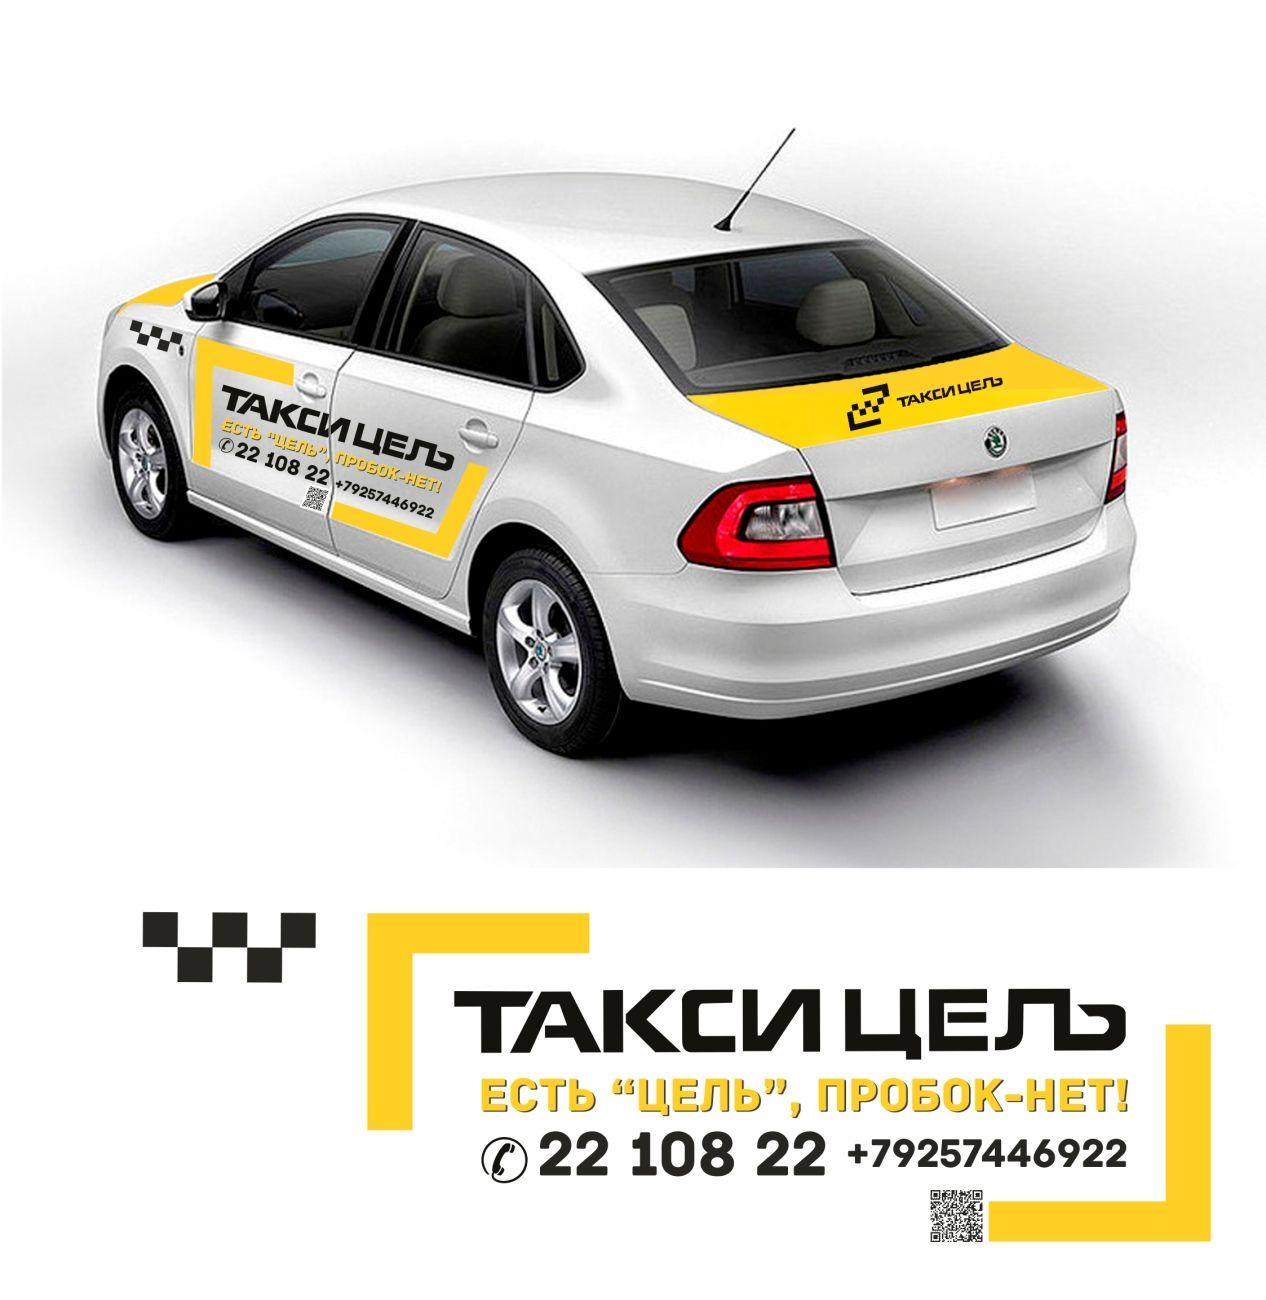 Рекламное оформление автомобиля такси - дизайнер alenaDIZ